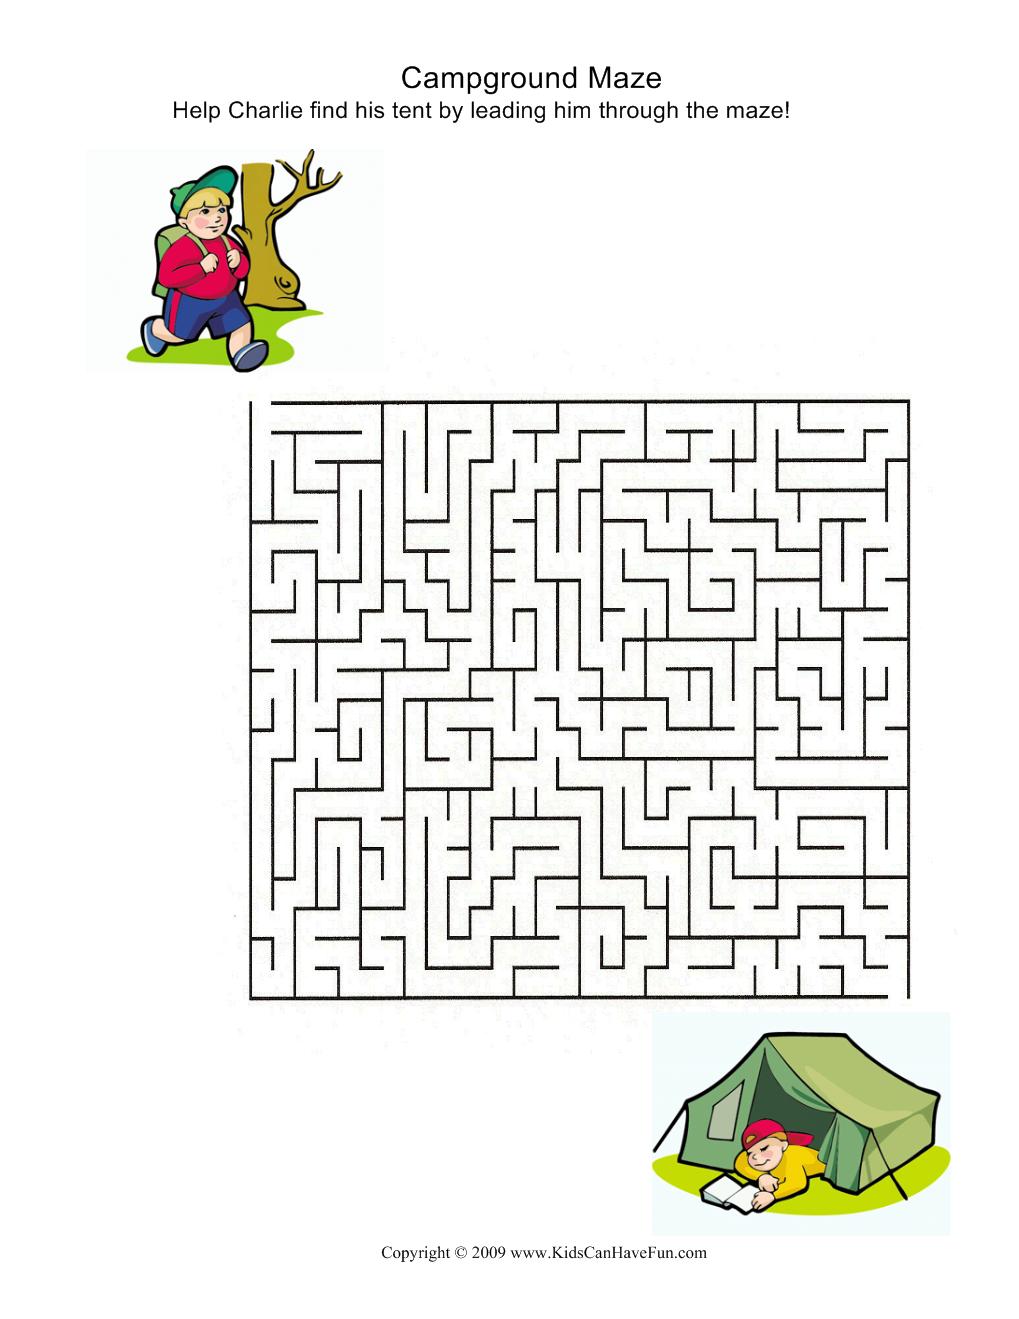 Campground maze